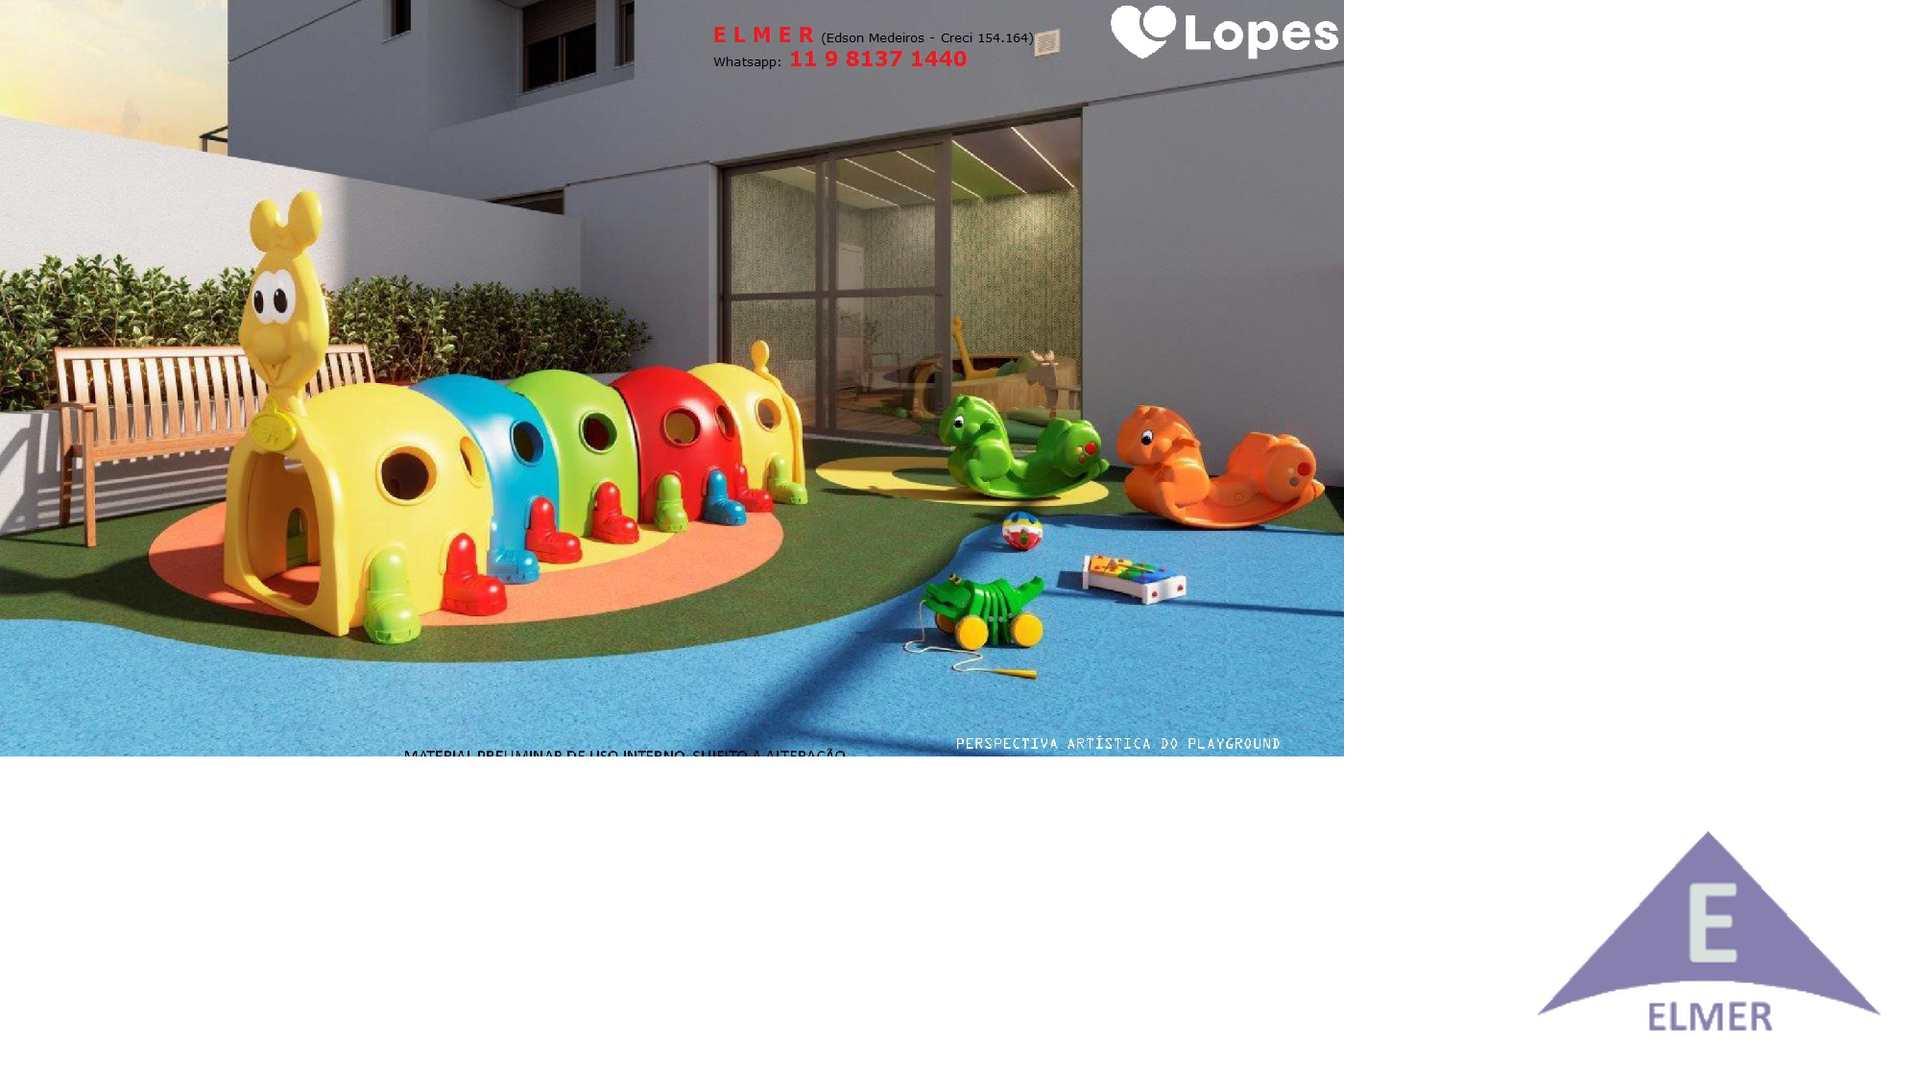 Playground - ALTIS SANTANA - Elmer